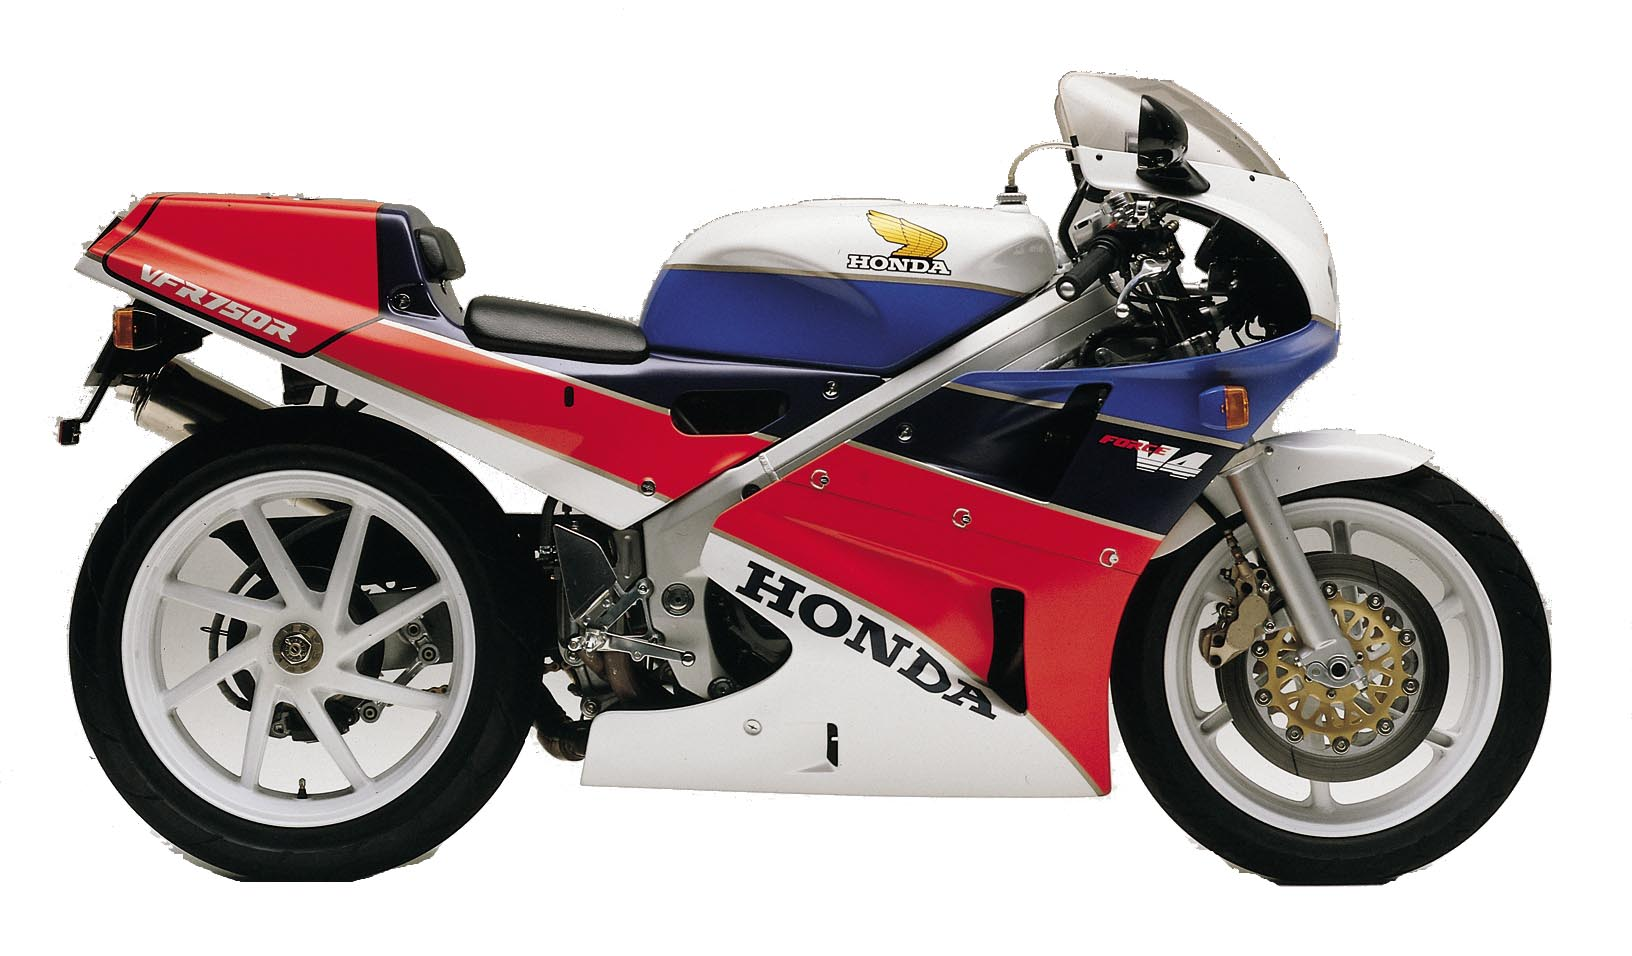 Simon Hargreaves' Top 3 best sounding bikes